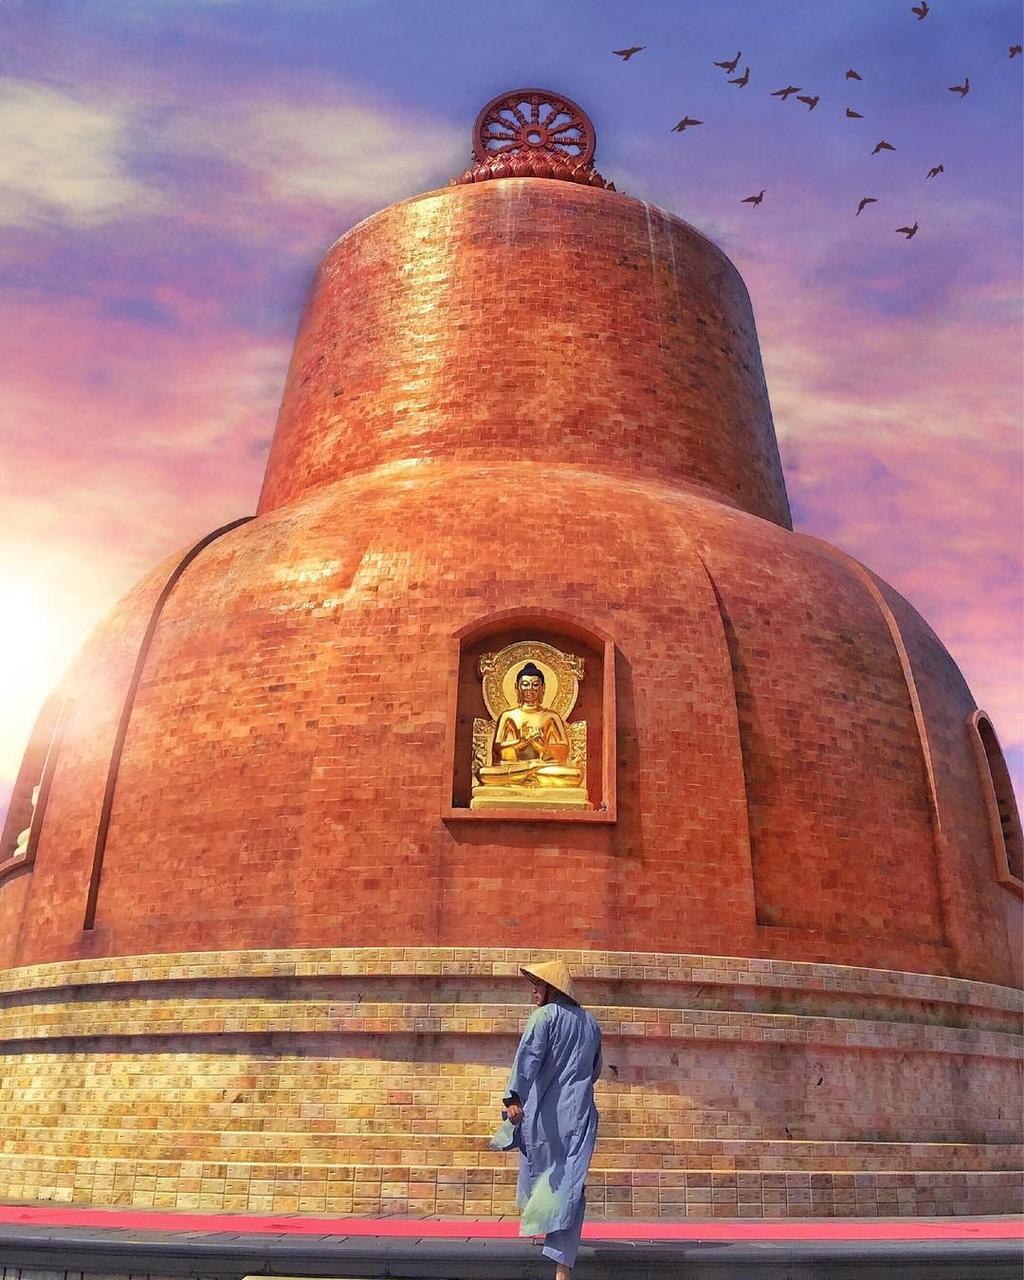 4 Thien vien Truc Lam noi tieng o Nam Bo hinh anh 16  - cuongnvy_47142060_778420845828620_8093870241174419387_n - 4 Thiền viện Trúc Lâm nổi tiếng ở Nam Bộ